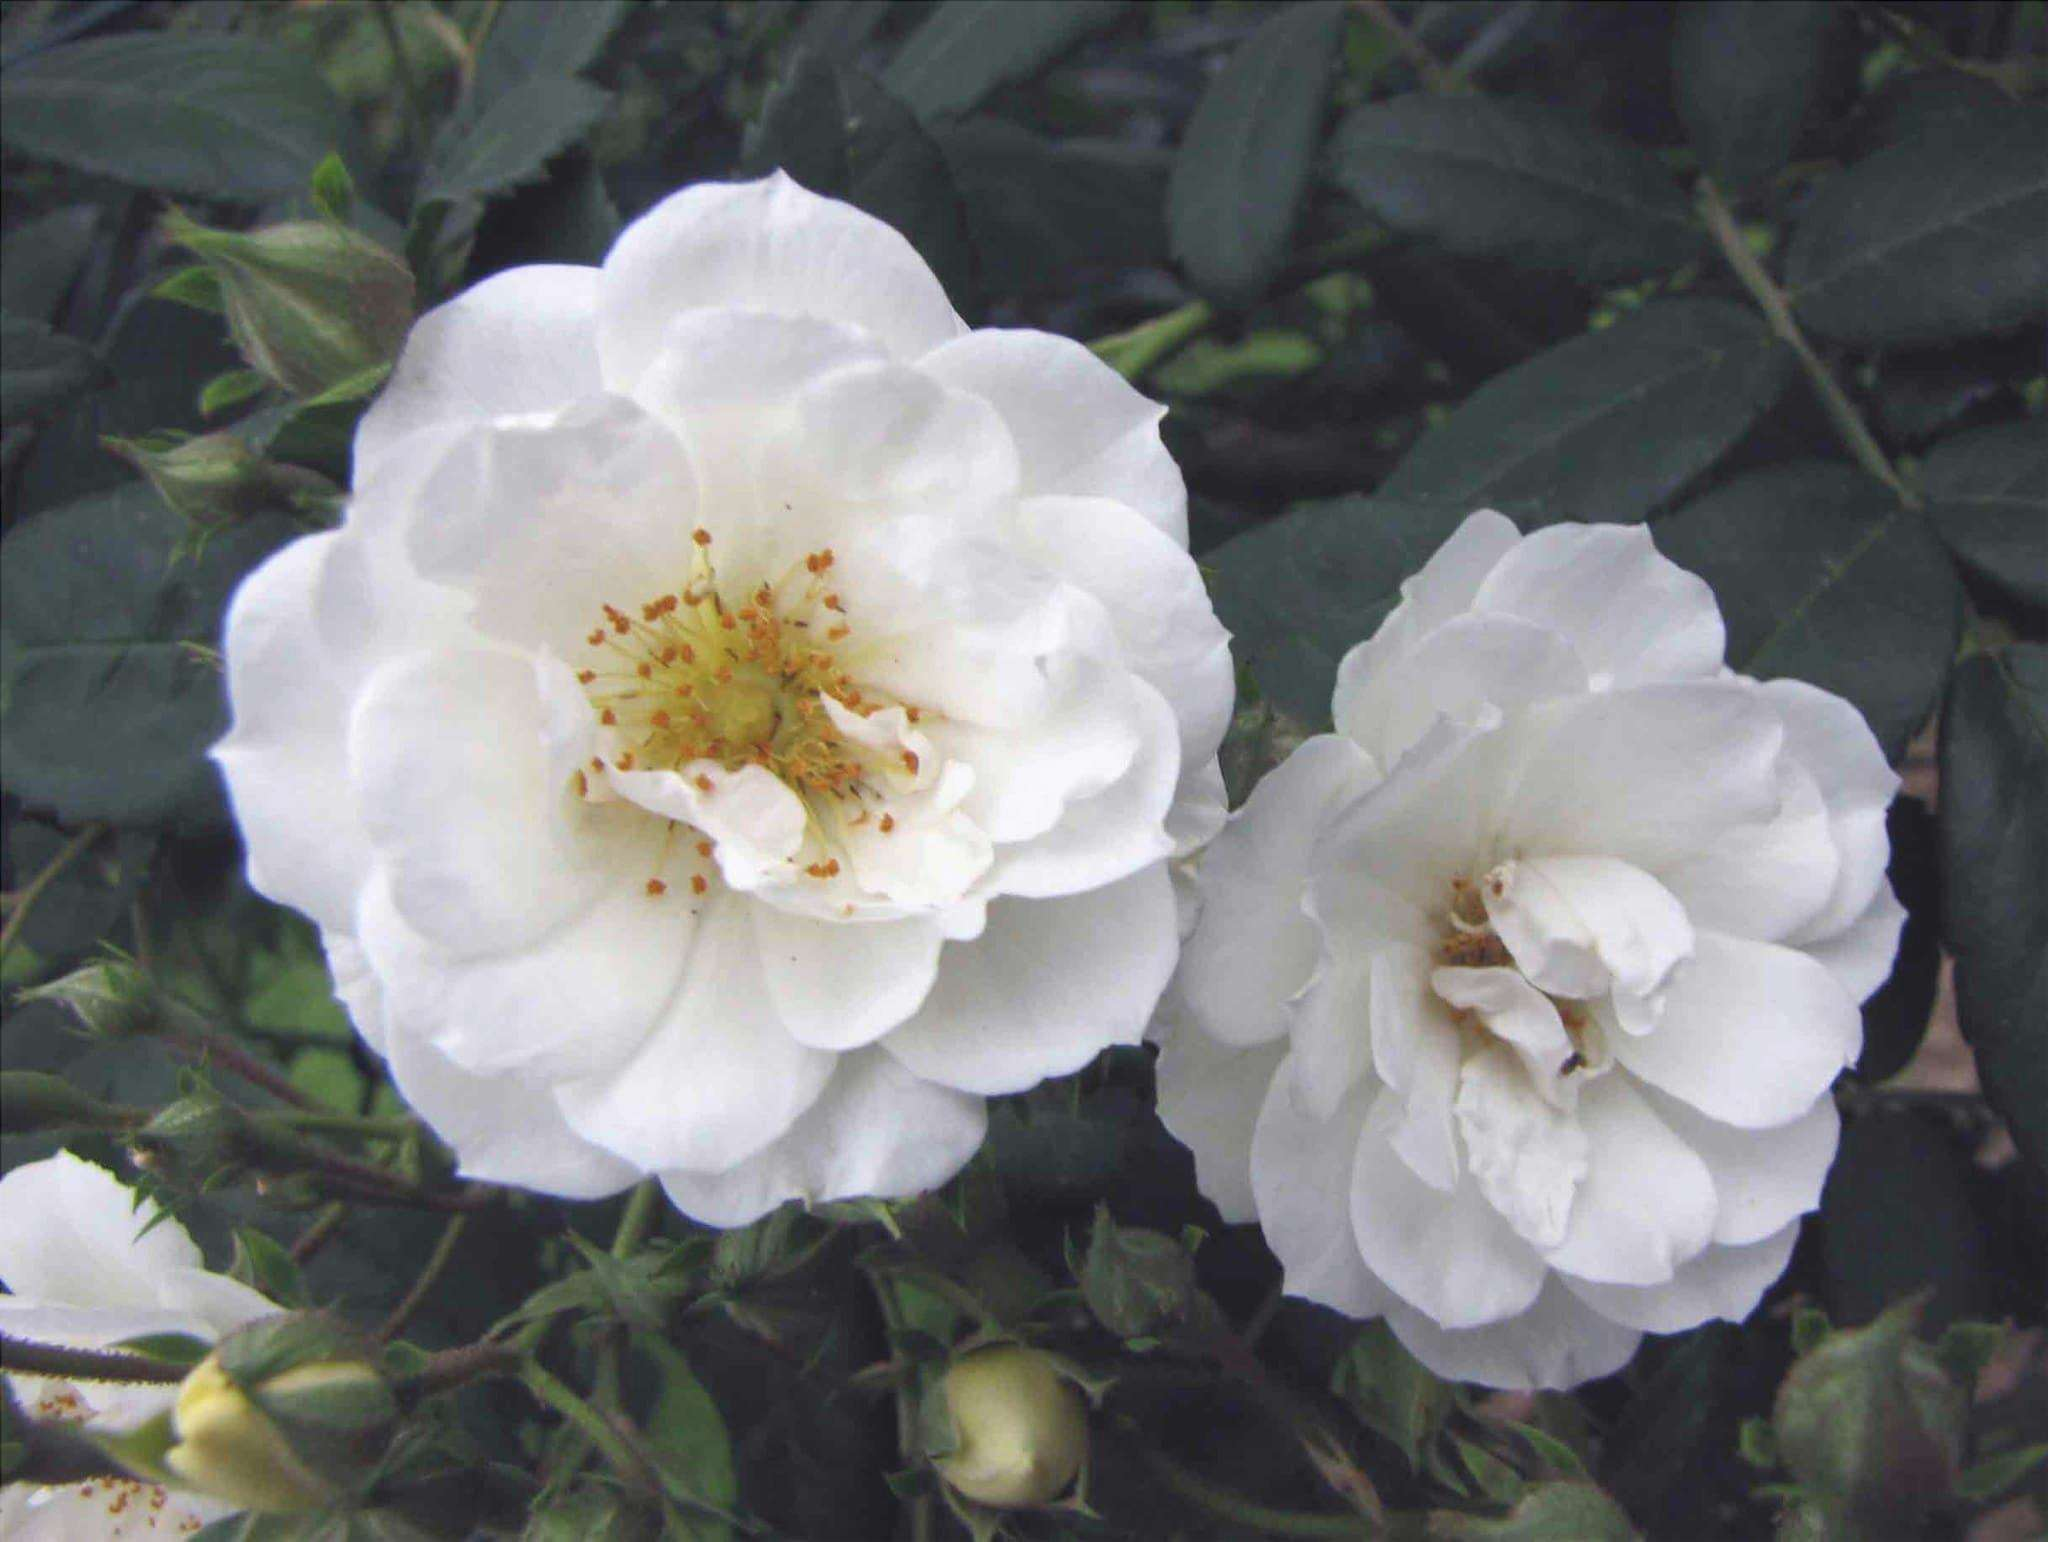 Rosa moschata è un arbusto che produce fiori bianchi.